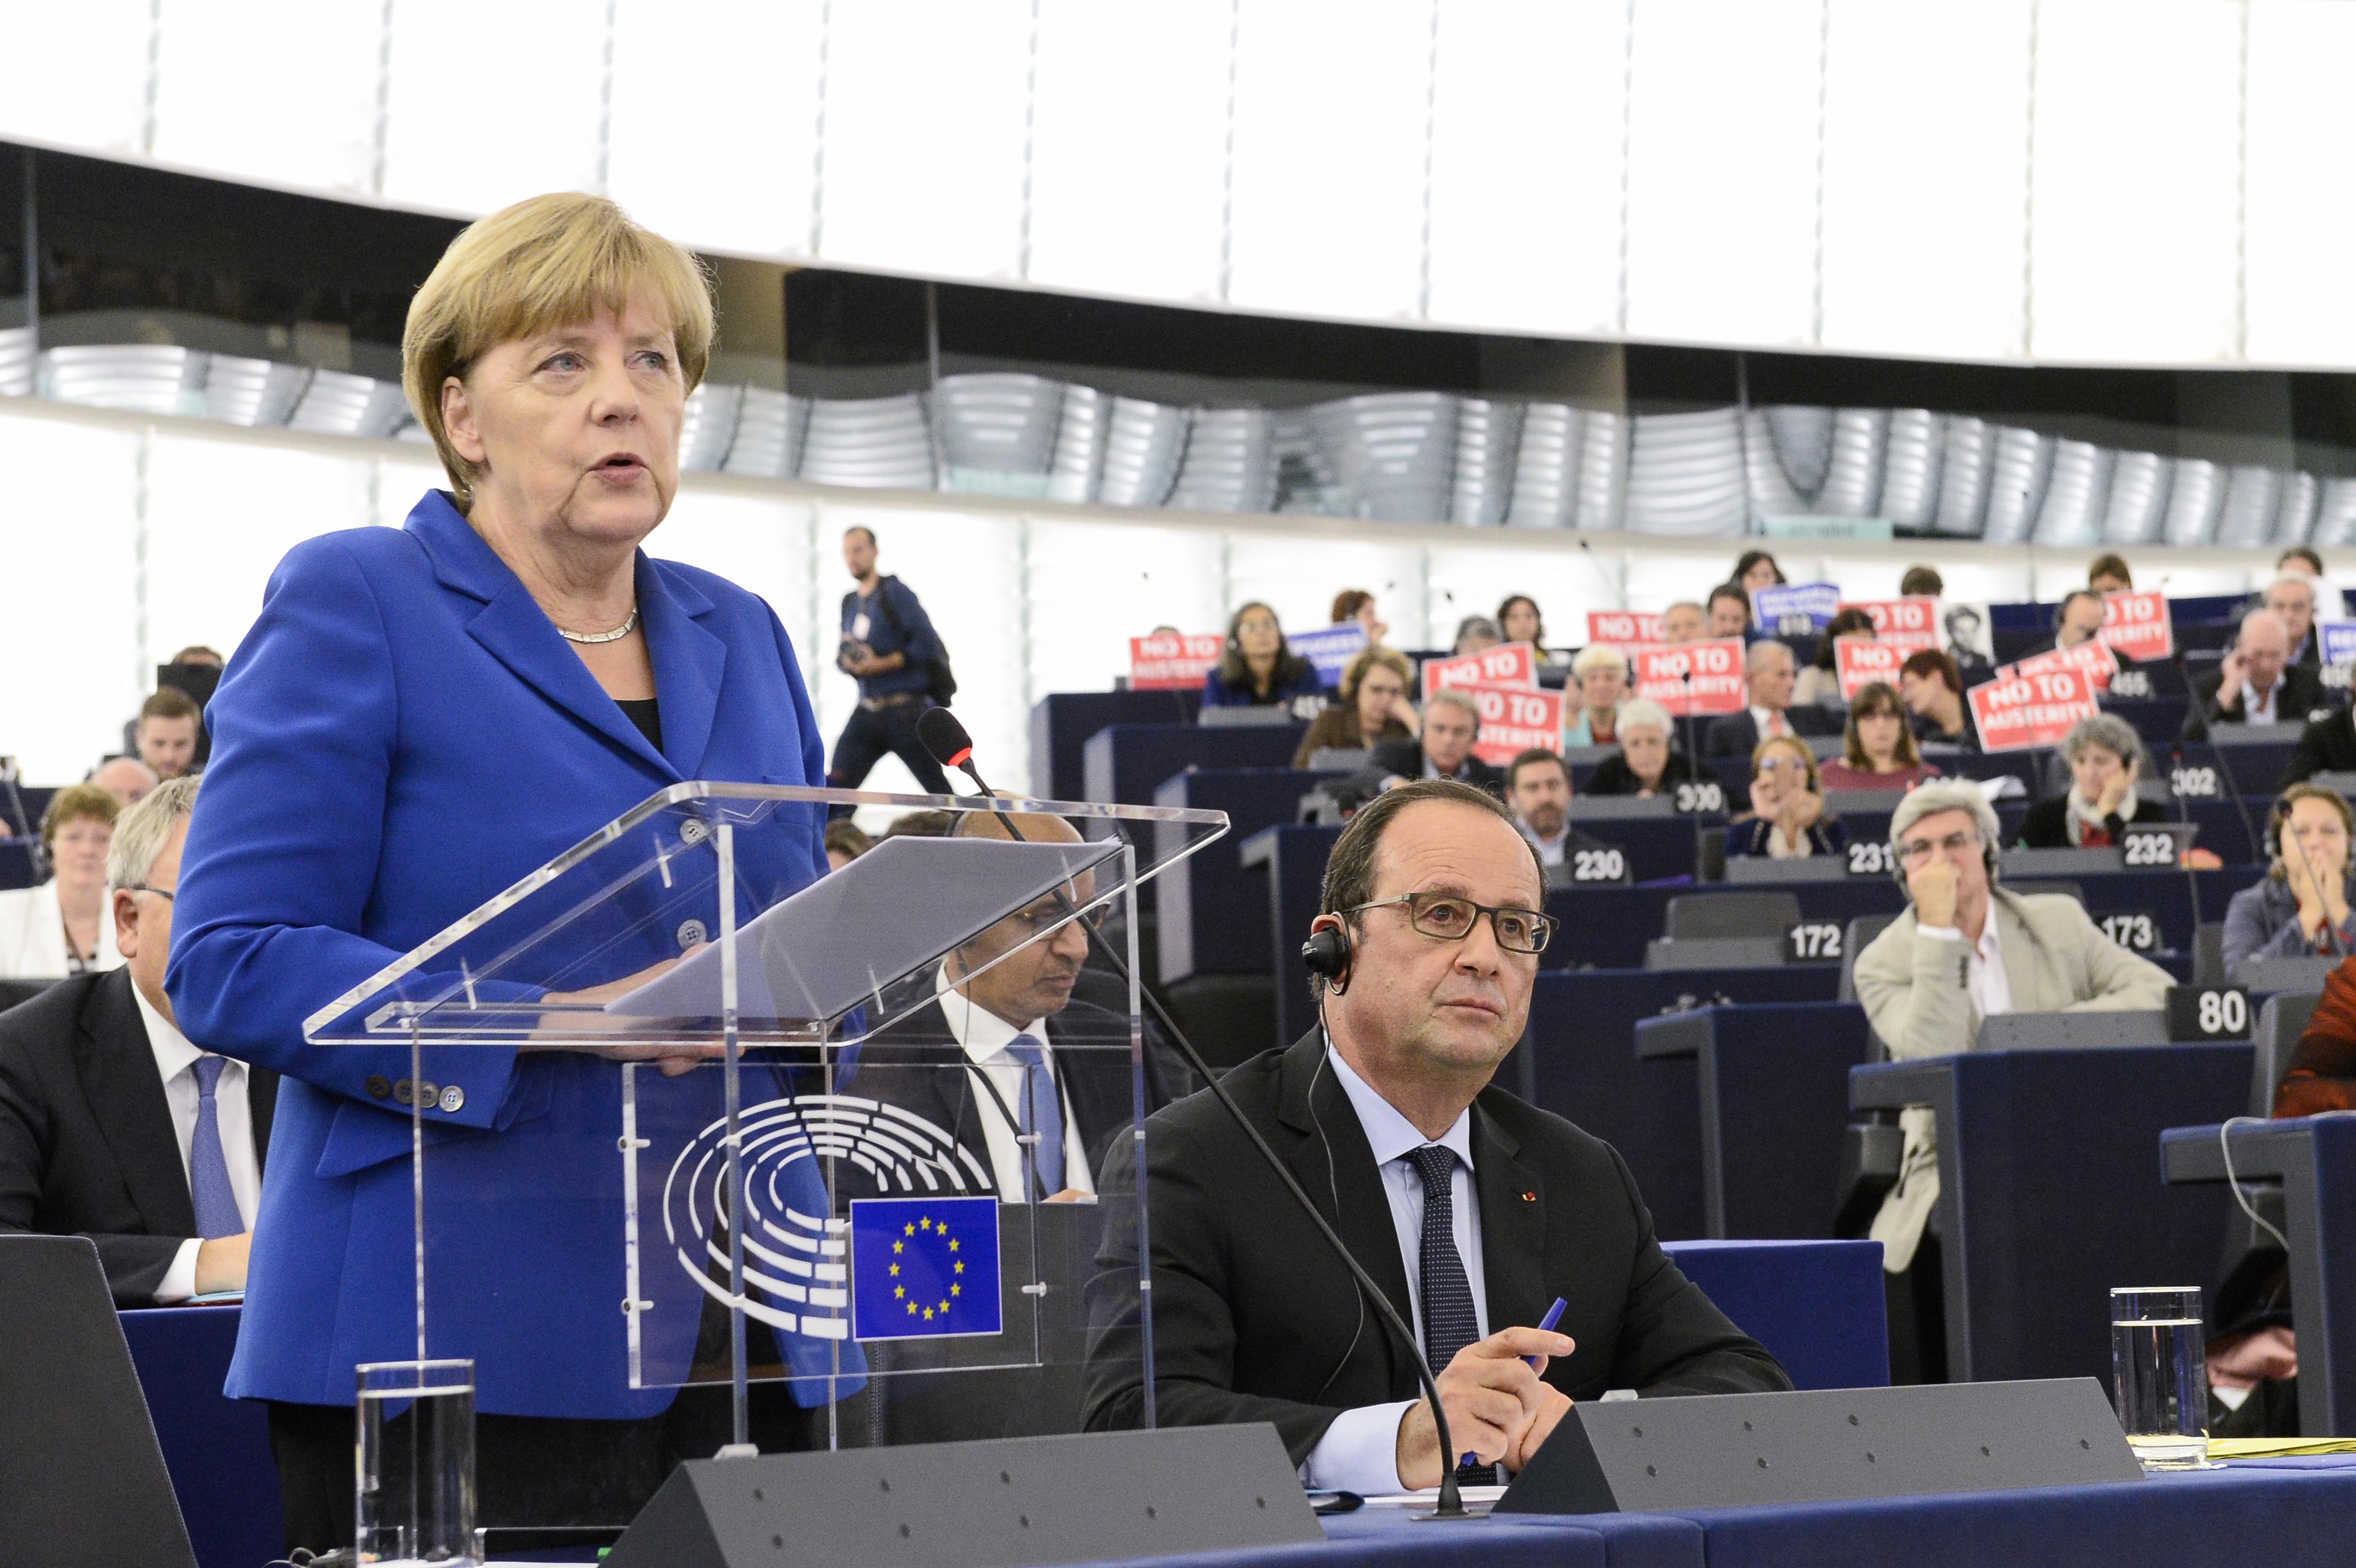 Bei ihrer Rede im EU-Parlament fordert Angela Merkel mehr eurpäische Solidarität in der Flüchtlingskrise. [EP]